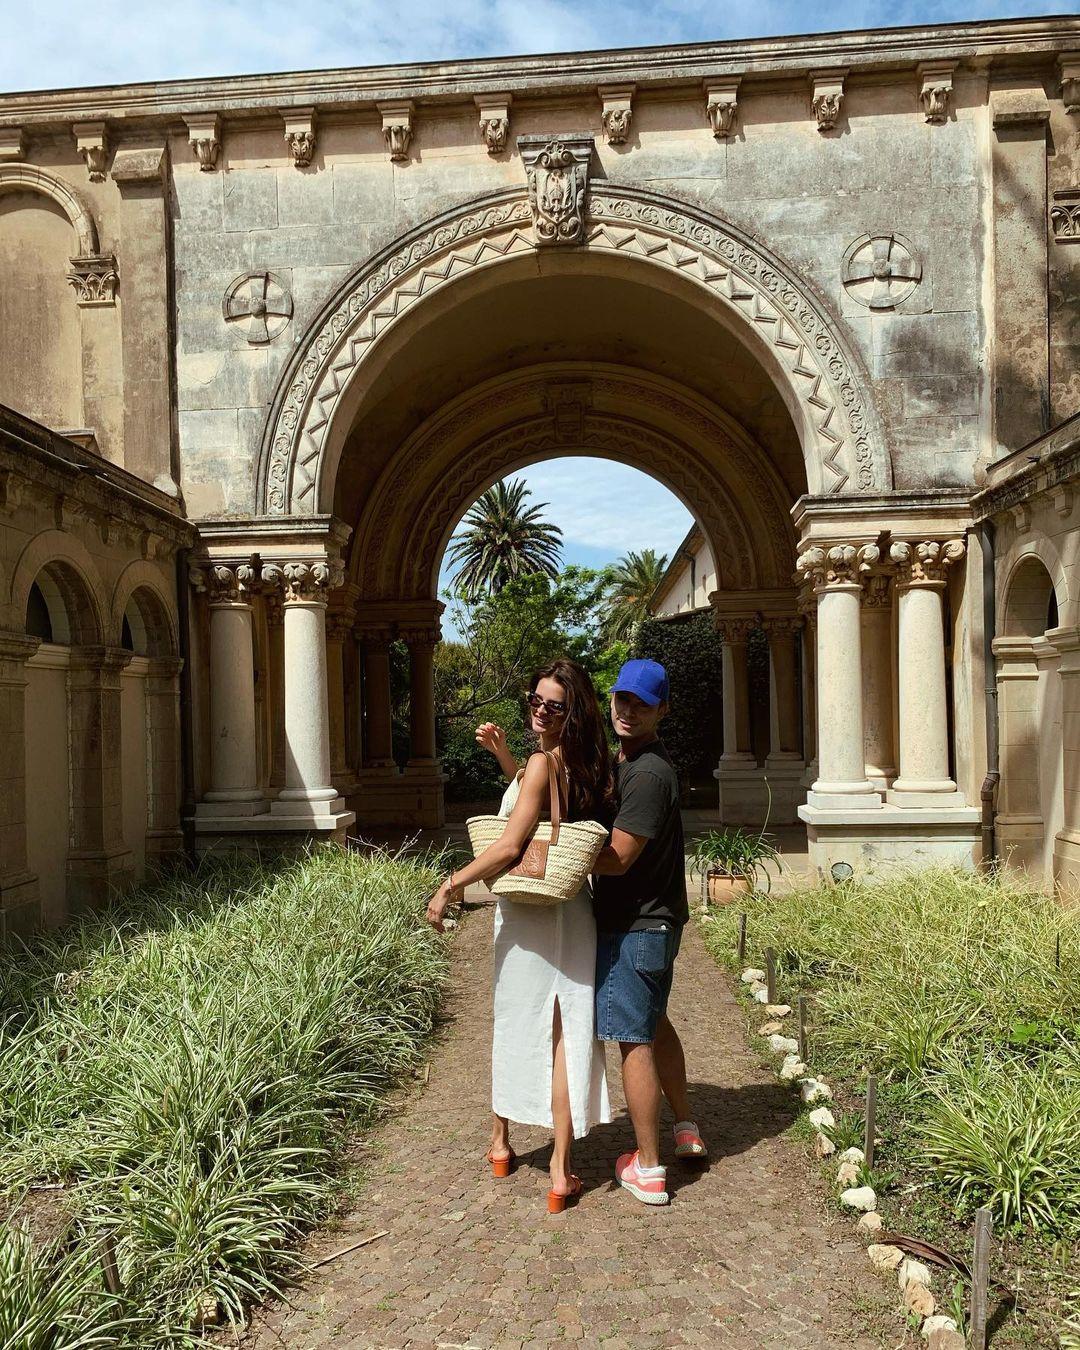 Открытки из Канн: как проходят каникулы Анны Андрес